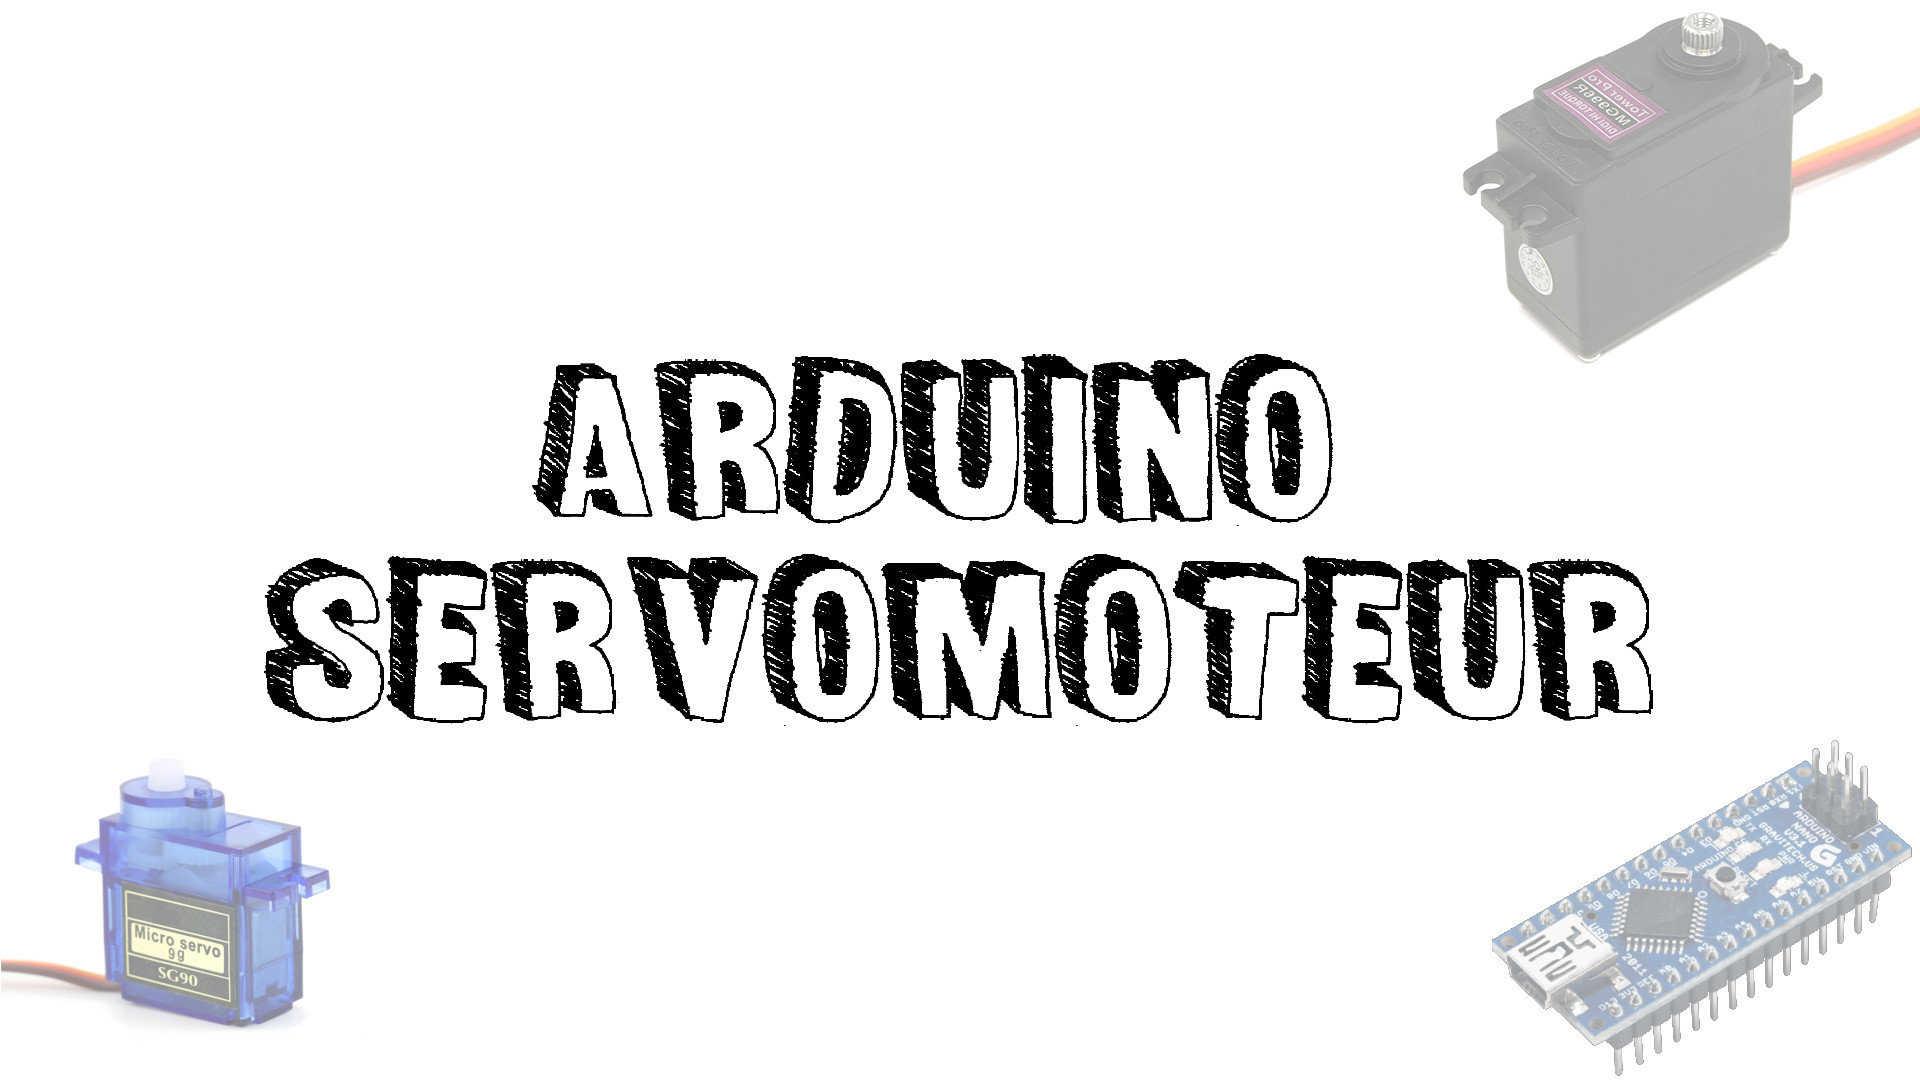 Medium servomoteur